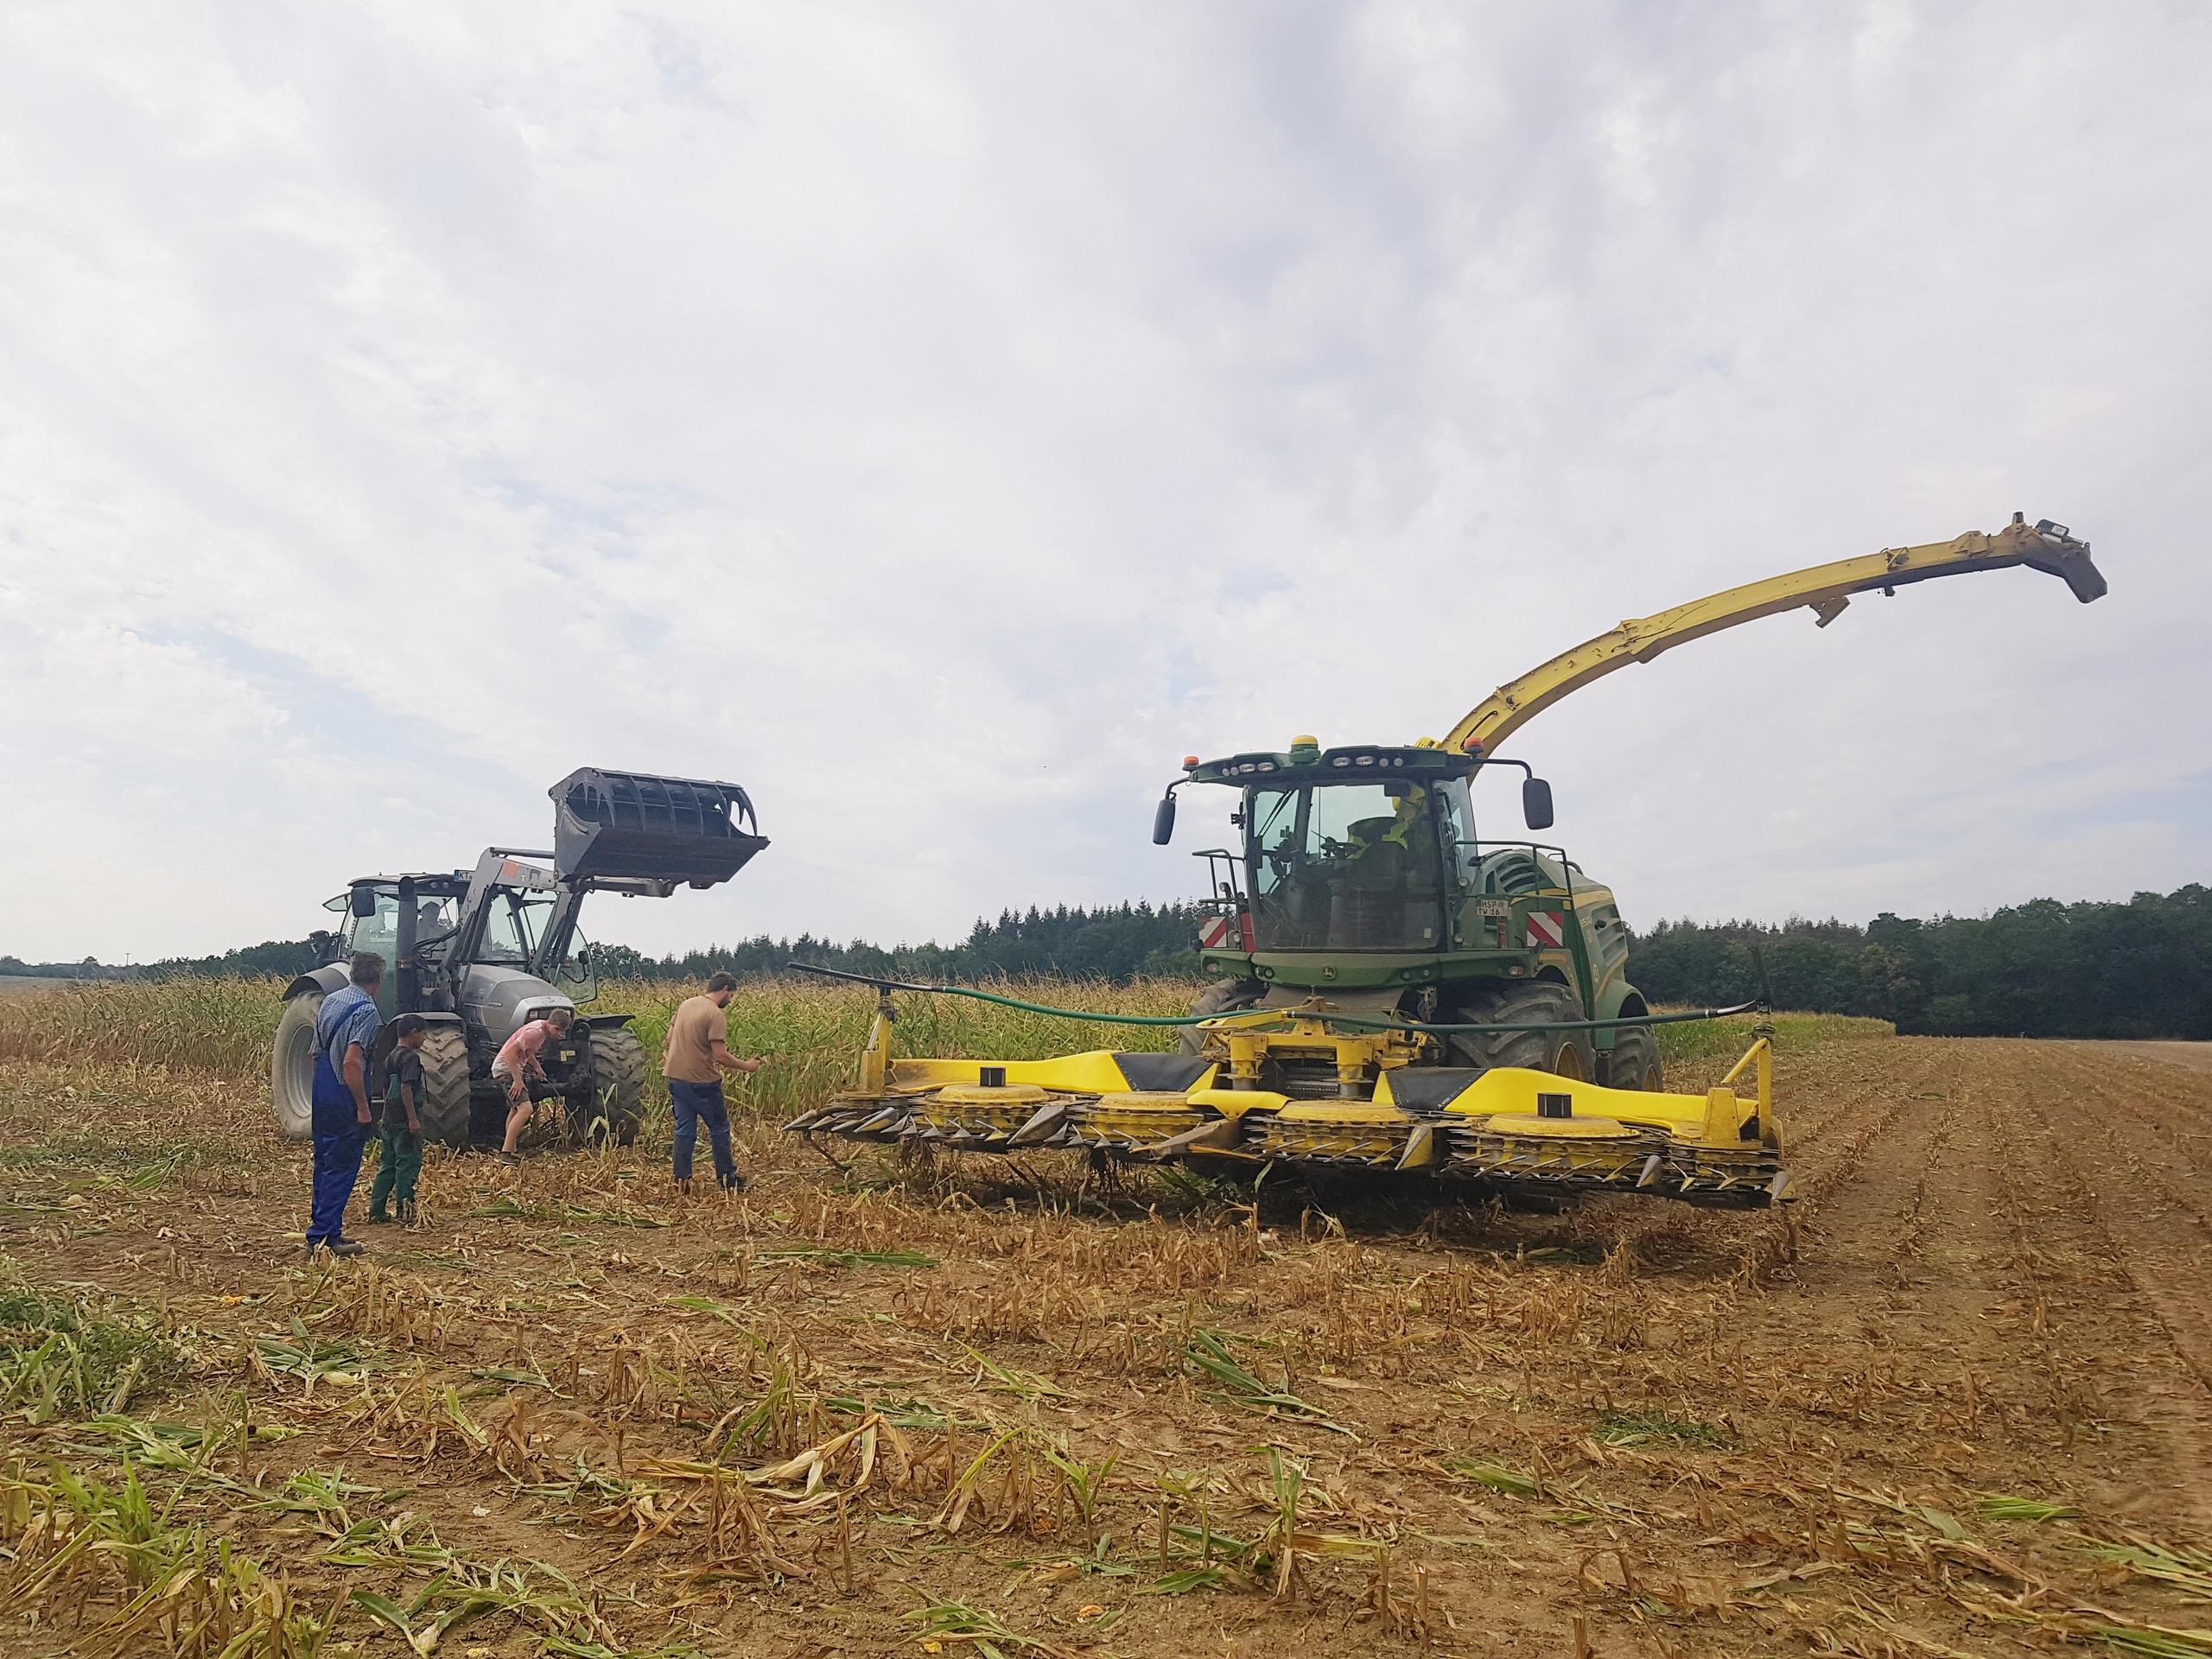 Corn Sensory Bin for Kids - Fall Fun on the Farm